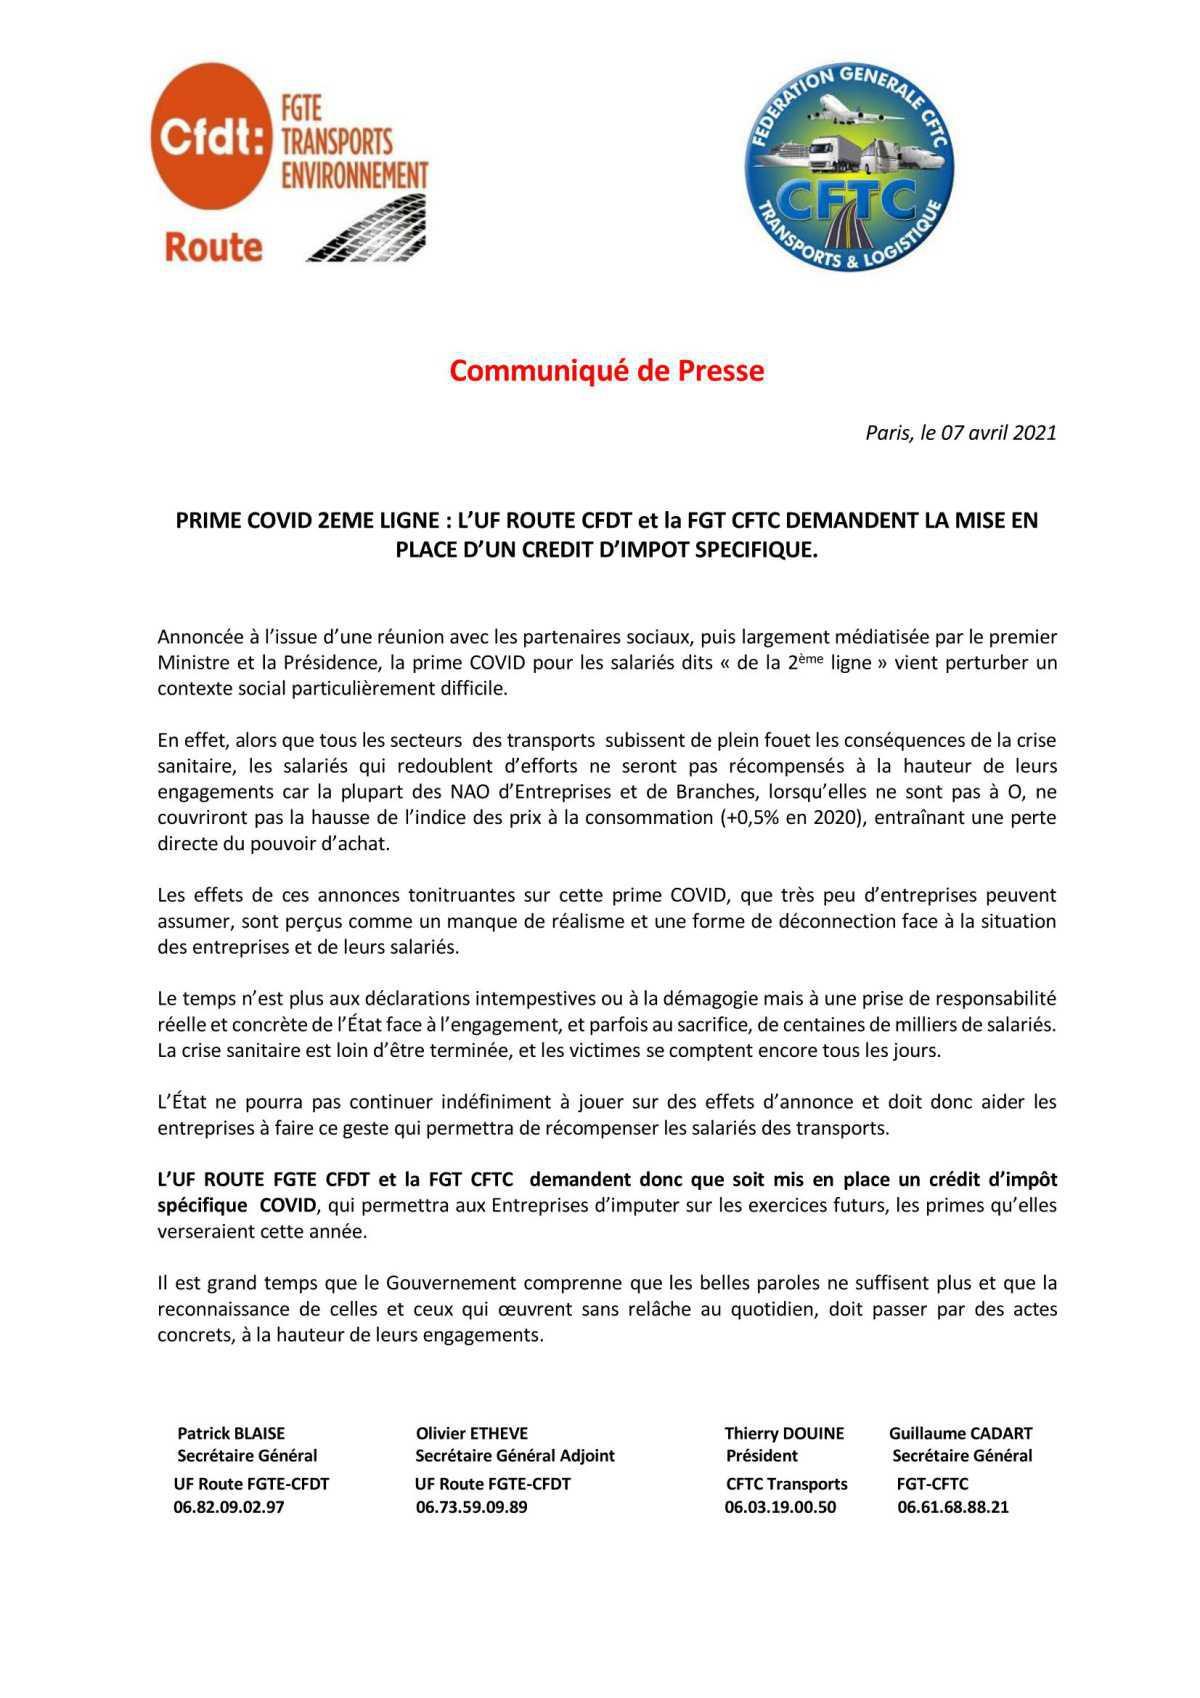 PRIME COVID 2EME LIGNE : La FGT CFTC et l''UF ROUTE CFDT DEMANDENT LA MISE EN PLACE D'UN CREDIT D'IMPOT SPECIFIQUE.